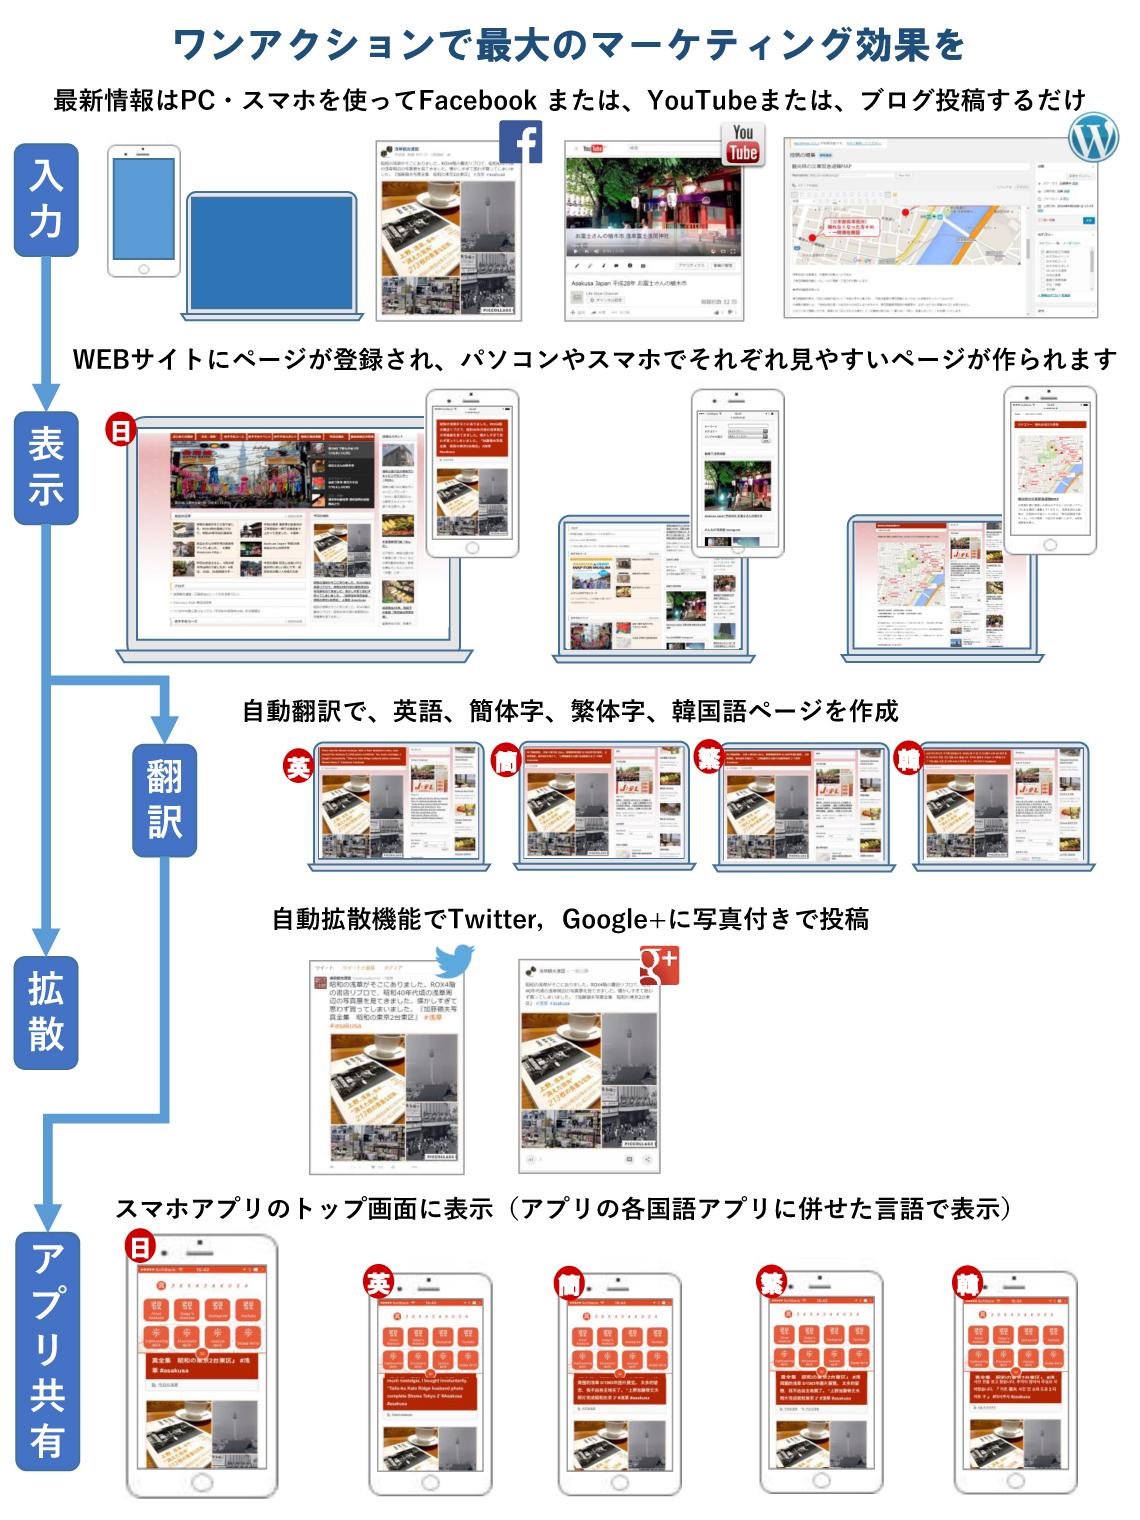 ワンアクションで最大のマーケティング効果を 最新情報はPC・スマホを使ってFacebook または、YouTubeまたは、ブログ投稿するだけ WEBサイトにページが登録され、パソコンやスマホでそれぞれ見やすいページが作られます 自動翻訳で、英語、簡体字、繁体字、韓国語ページを作成 自動拡散機能でTwitter,Google+に写真付きで投稿 スマホアプリのトップ画面に表示(アプリの各国語アプリに併せた言語で表示)